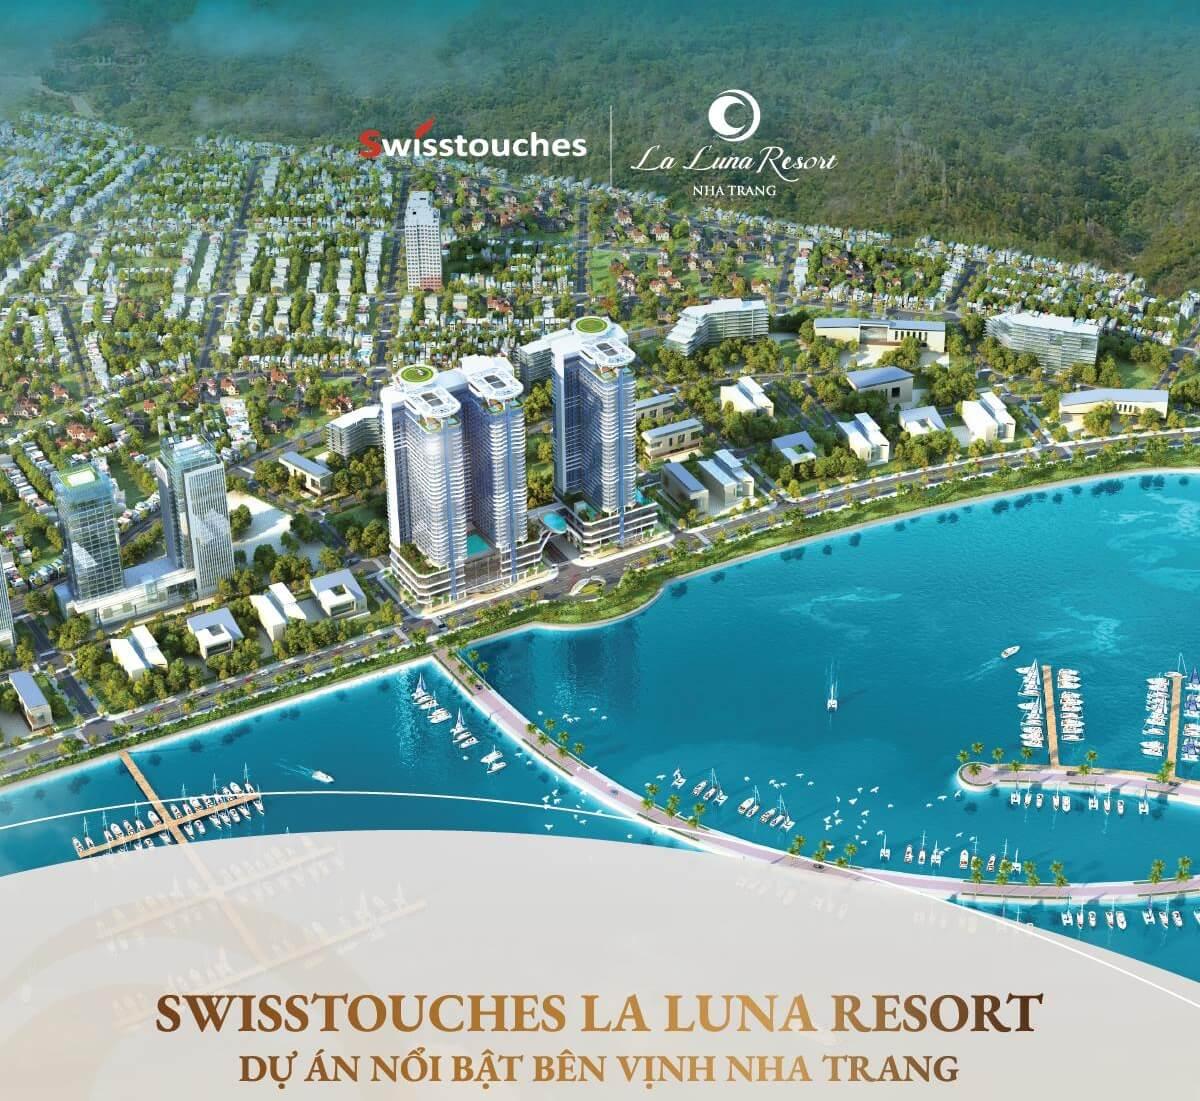 Swisstouches La Luna Resort - dự án nổi bật bên vịnh Nha Trang